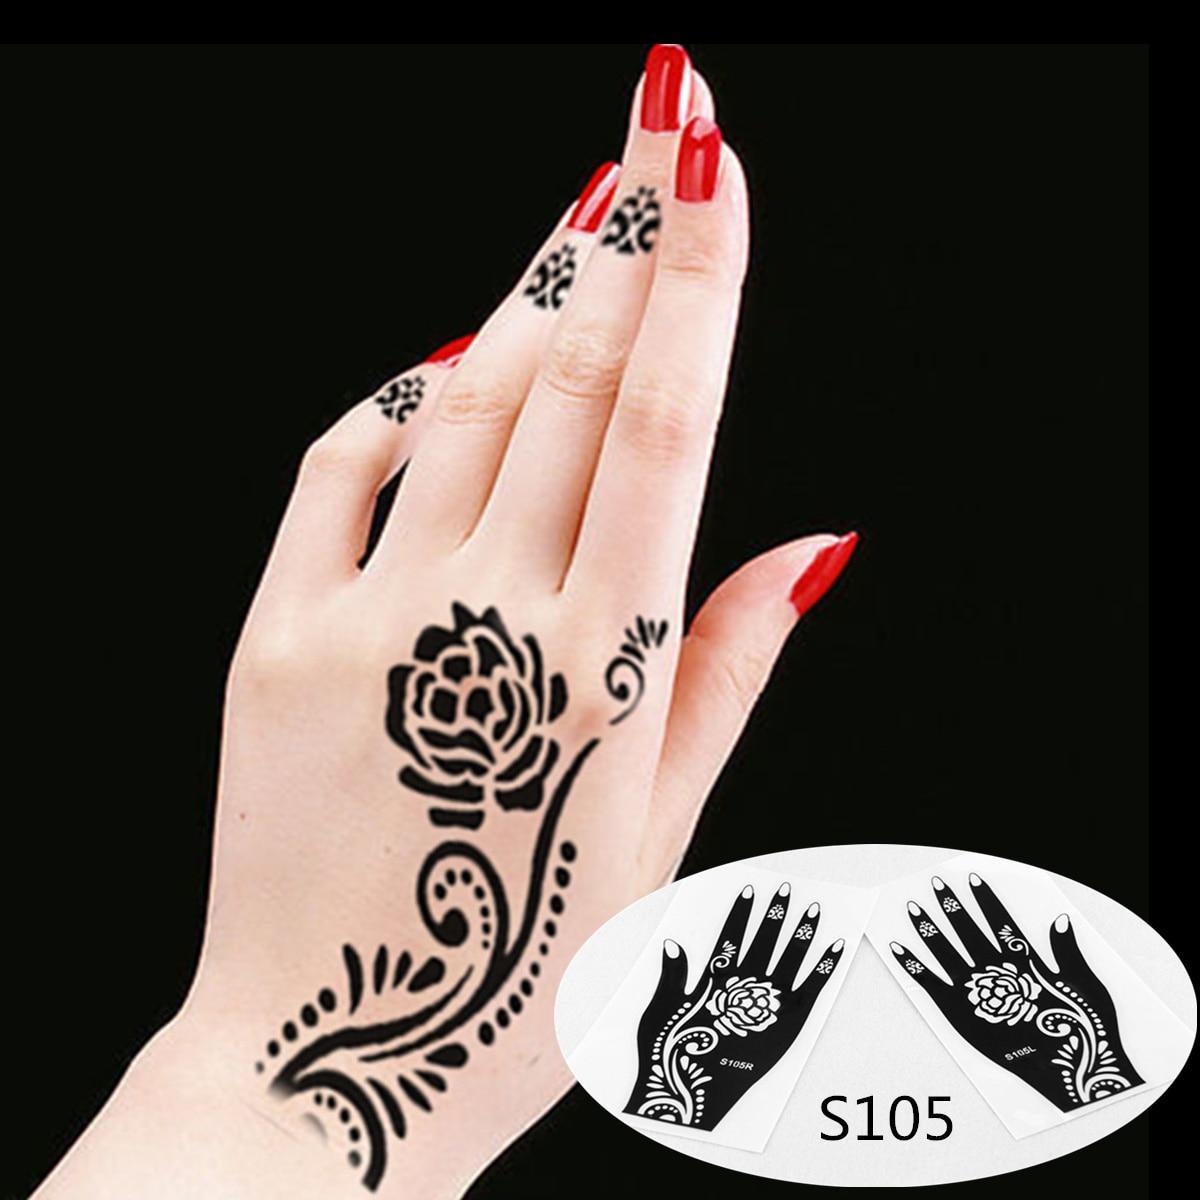 Korper Hand Tinte Tattoo Kunst Indien Henna Design Einfach Schablone Mehndi Tattoos Vorlagen Henna Schablonen 2 Teil Los Tattoo Skeleton Henna Tattoo Painthenna Designs Aliexpress